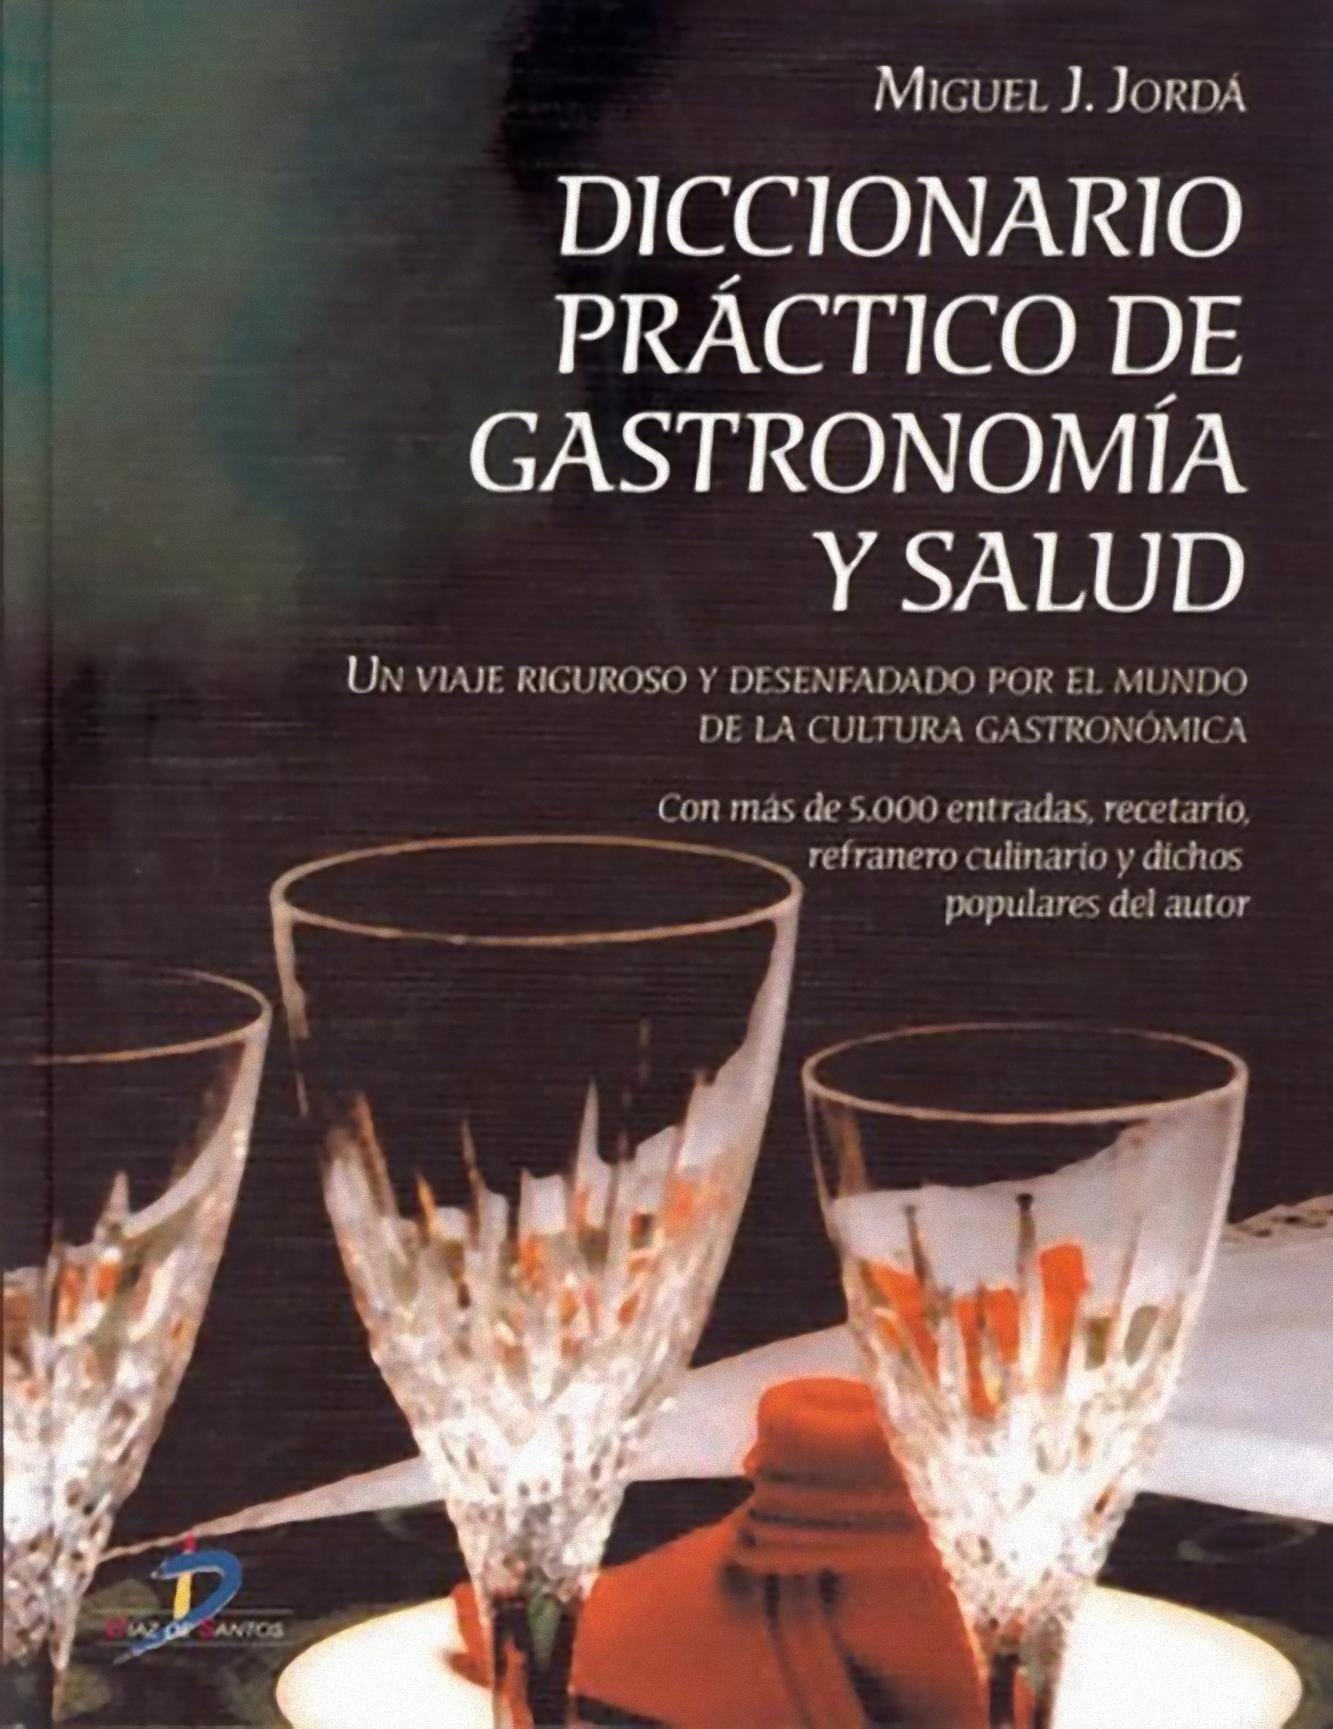 'Diccionario práctico de gastronomía y salud'